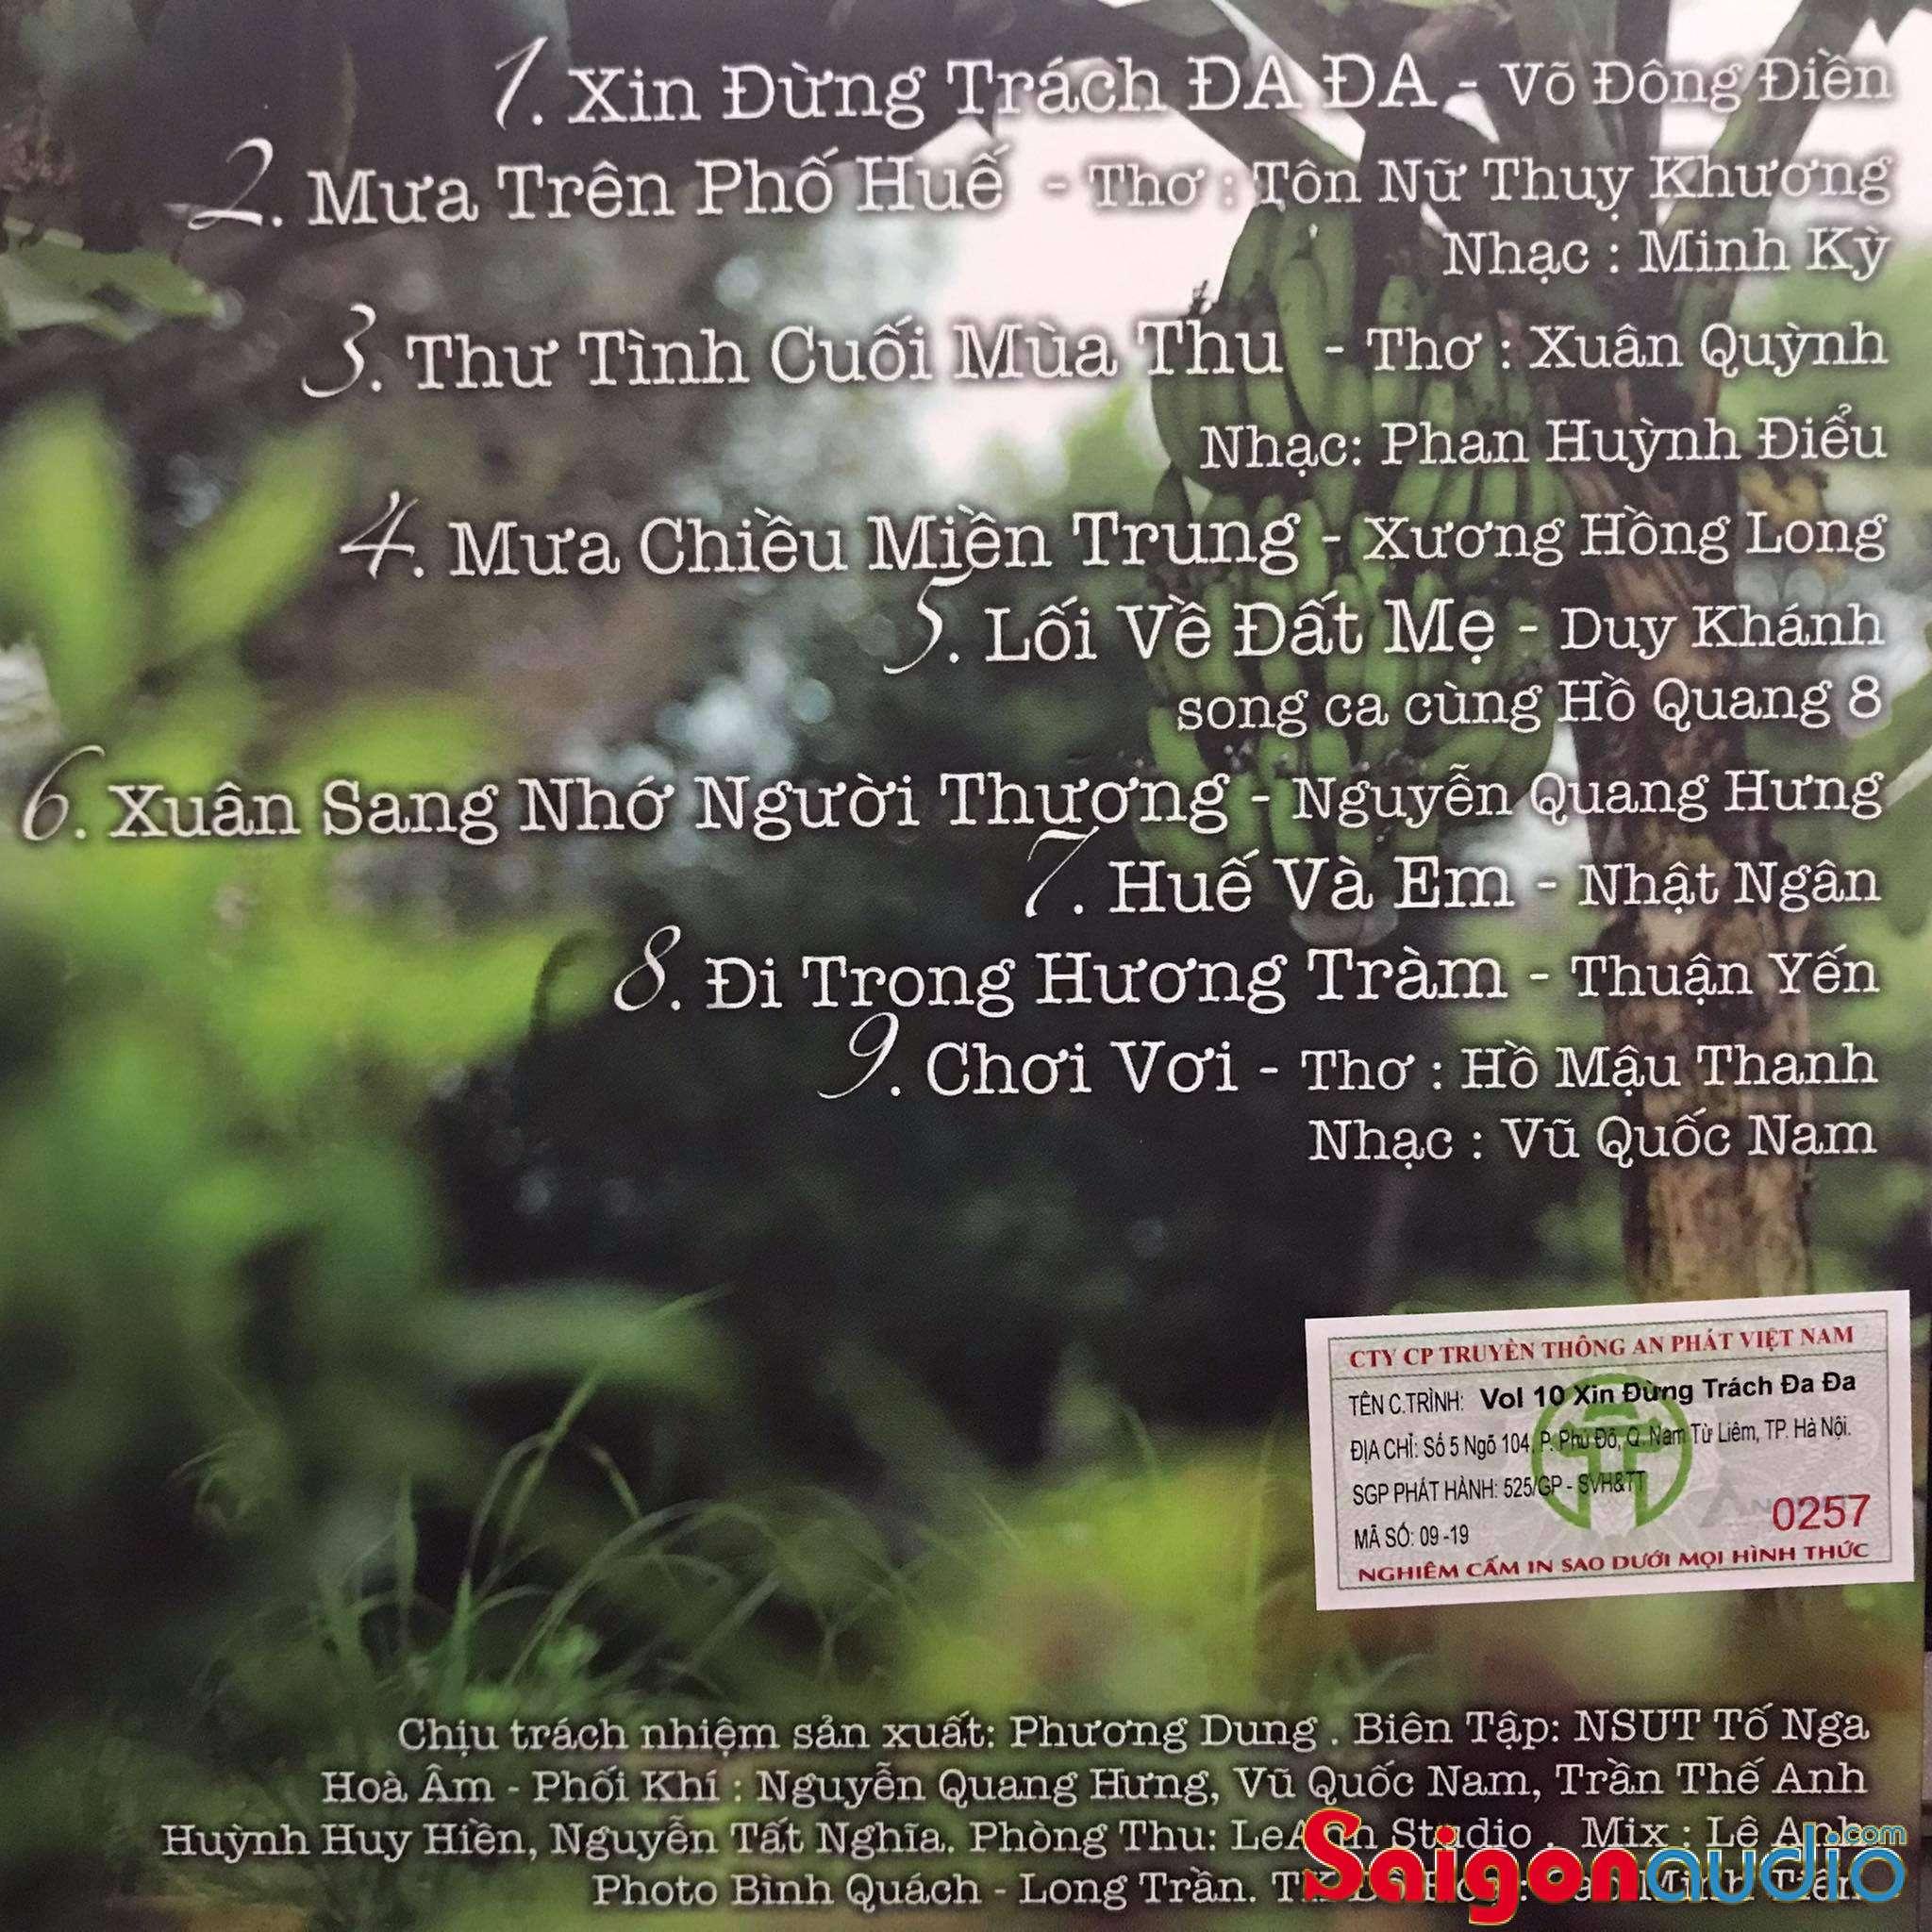 Đĩa CD nhạc gốc Tố Nga - Đừng Trách Đa Đa (Free ship khi mua 2 đĩa CD cùng hoặc khác loại)